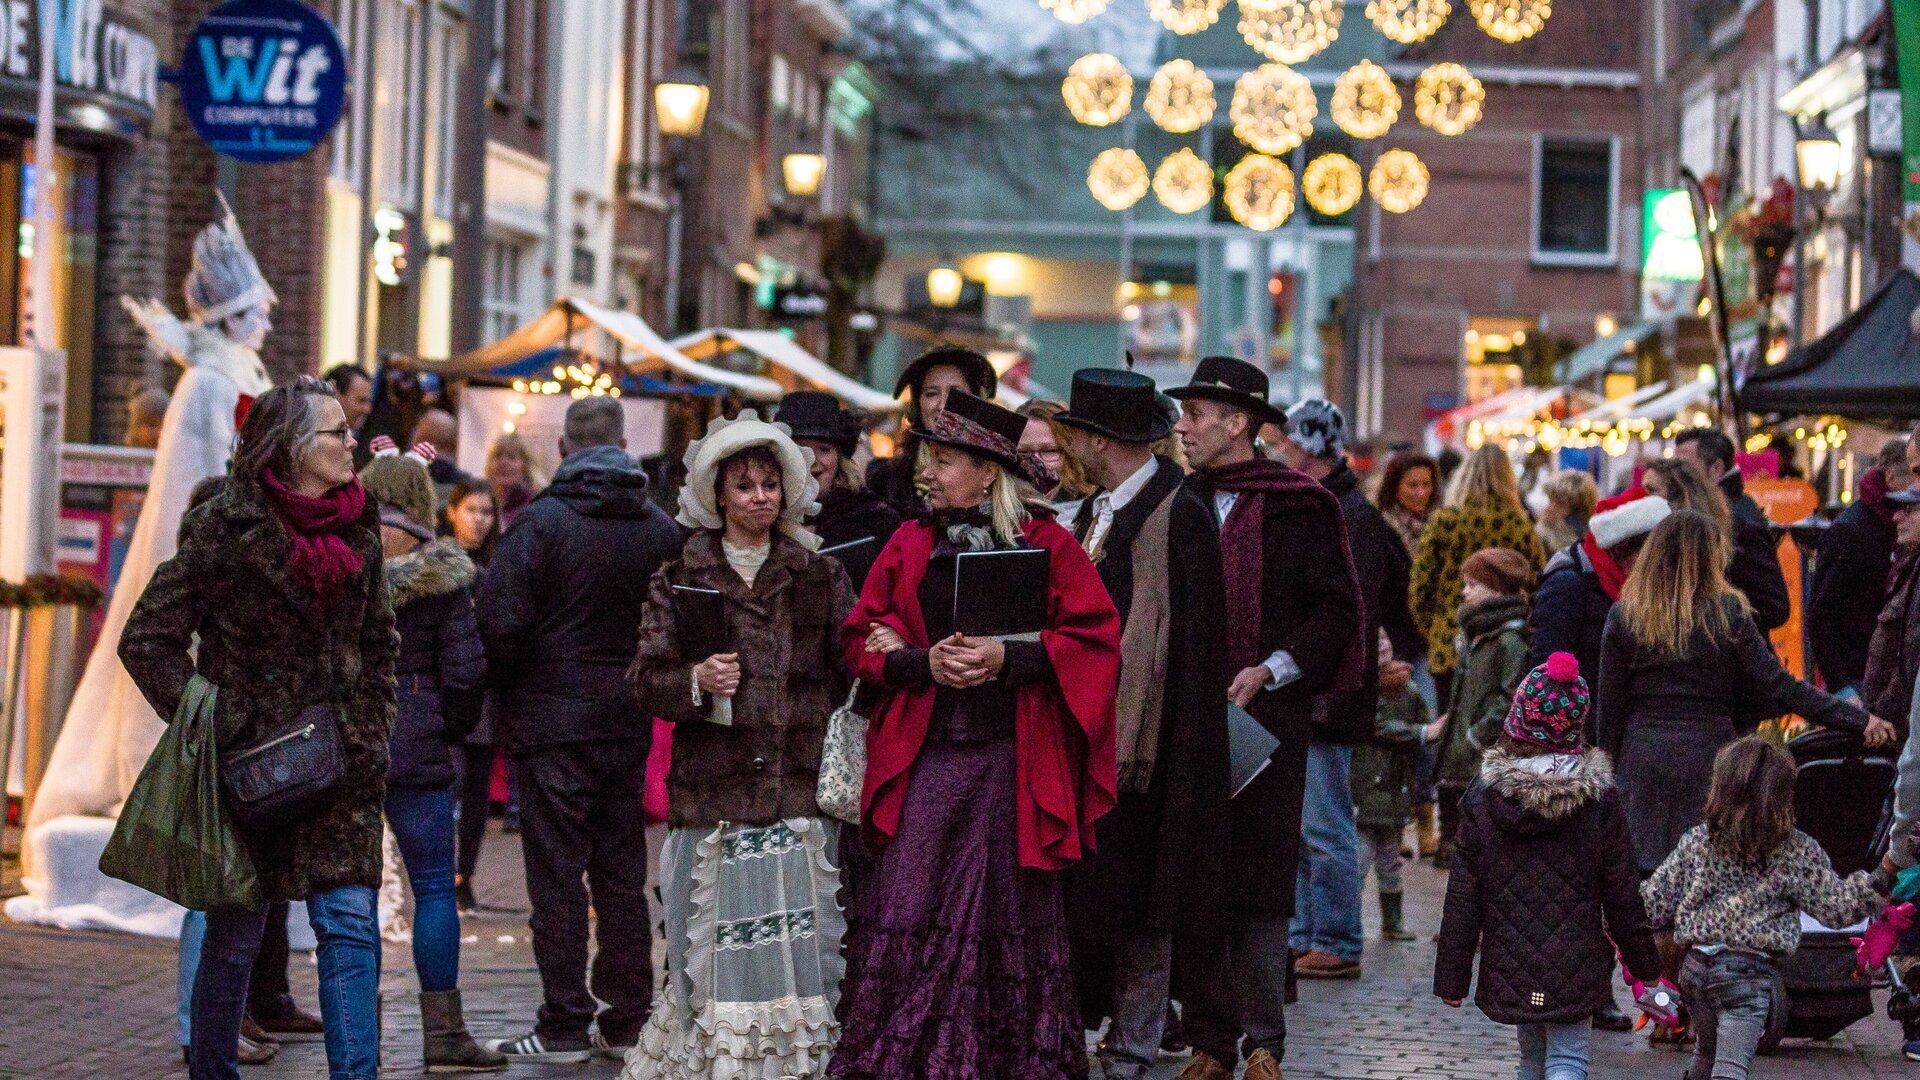 kerstmarkt-2018-iijsselstein-highres-4321-tony-buijse-.jpg